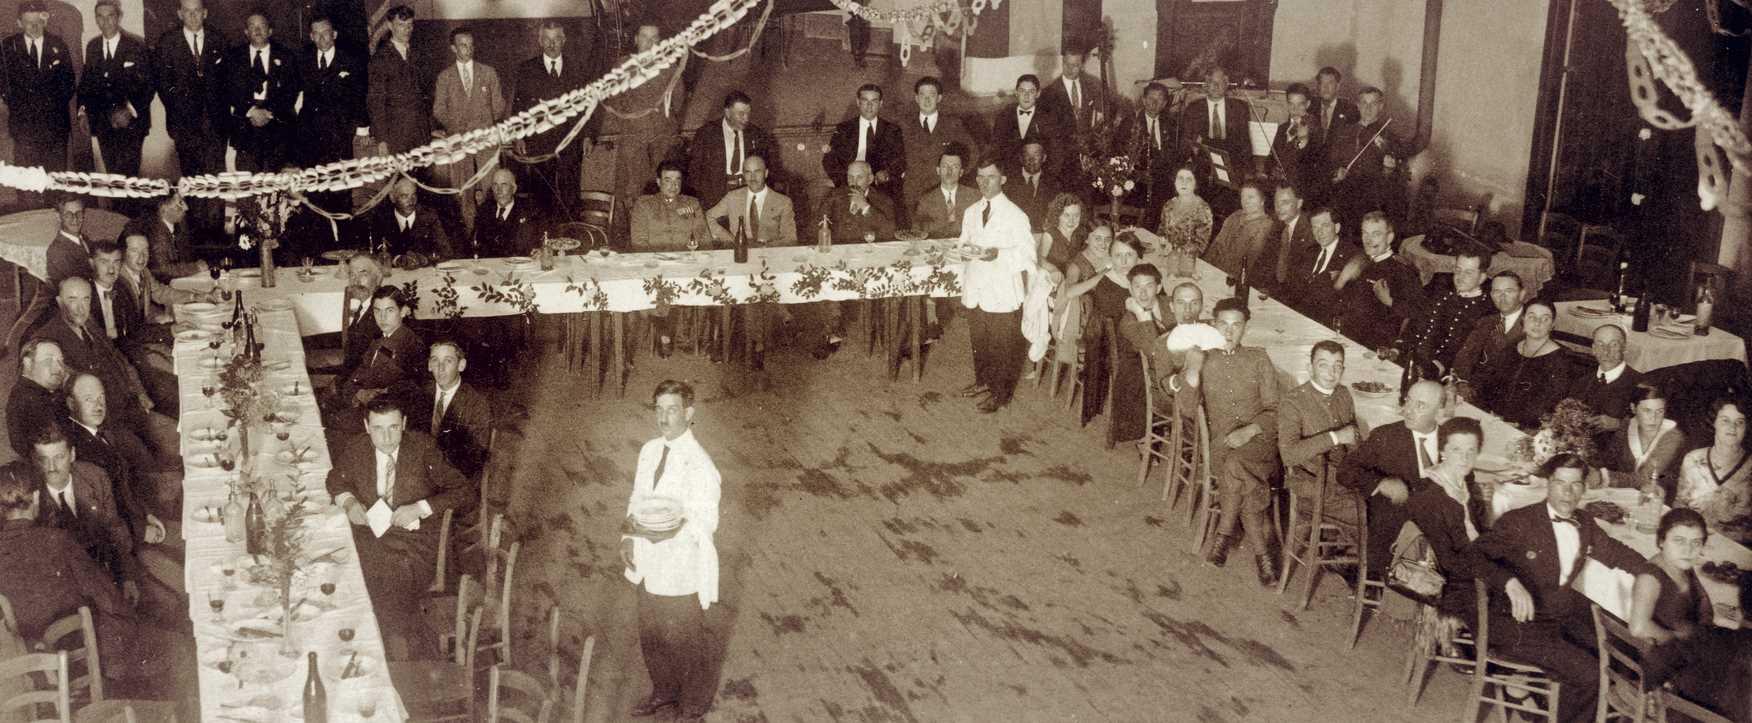 History of Pasta - Italian Restaurants in Springfield Missouri